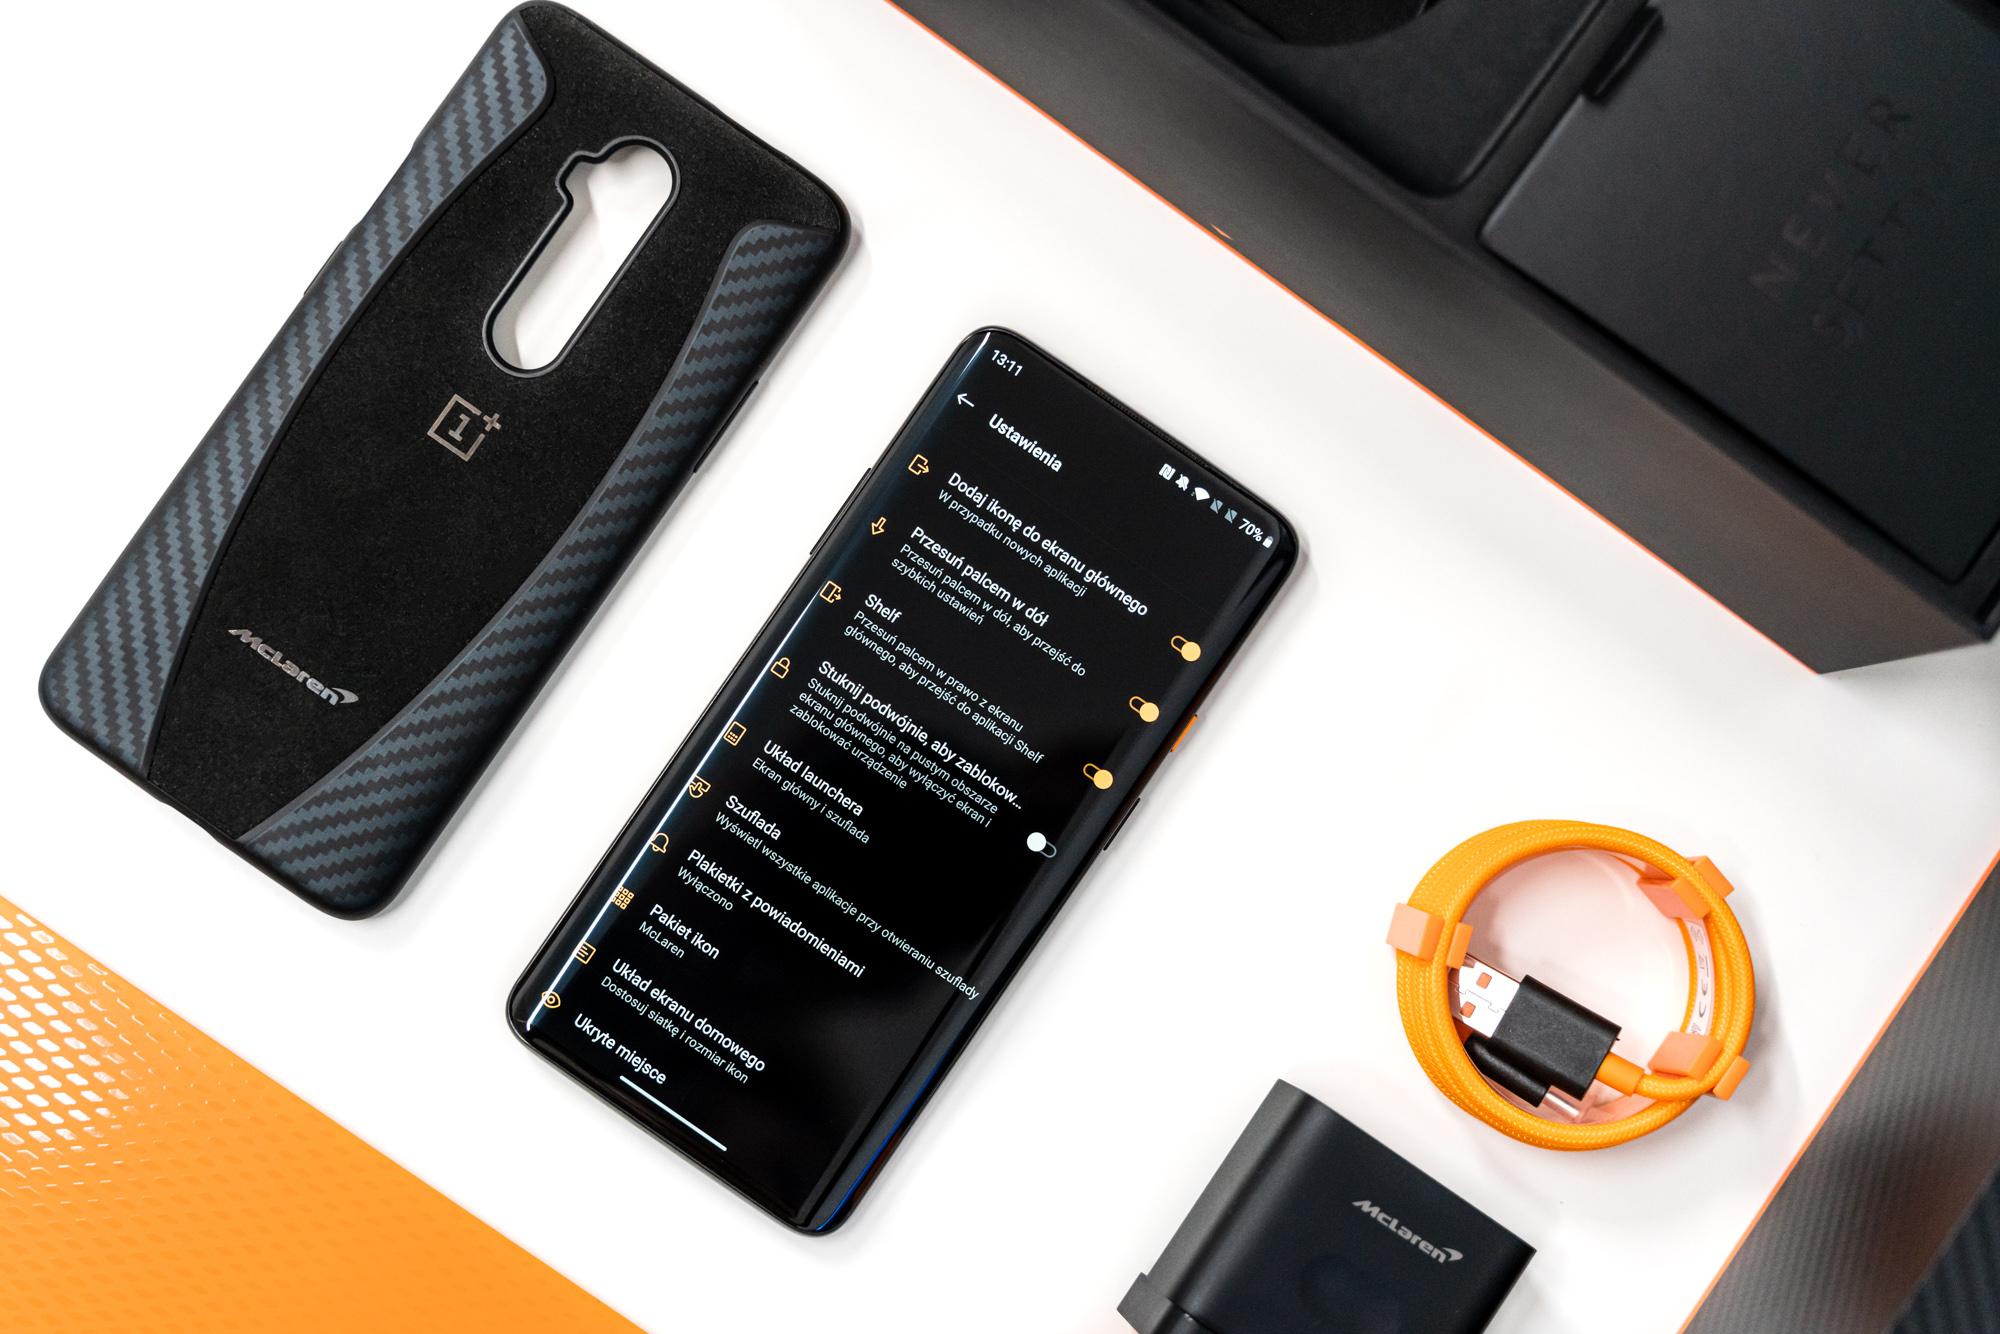 Android 11n denbora luzez seguruenik izango duzun funtzioa egongo da.  Modu iluna azkenean automatikoki aldatuko da